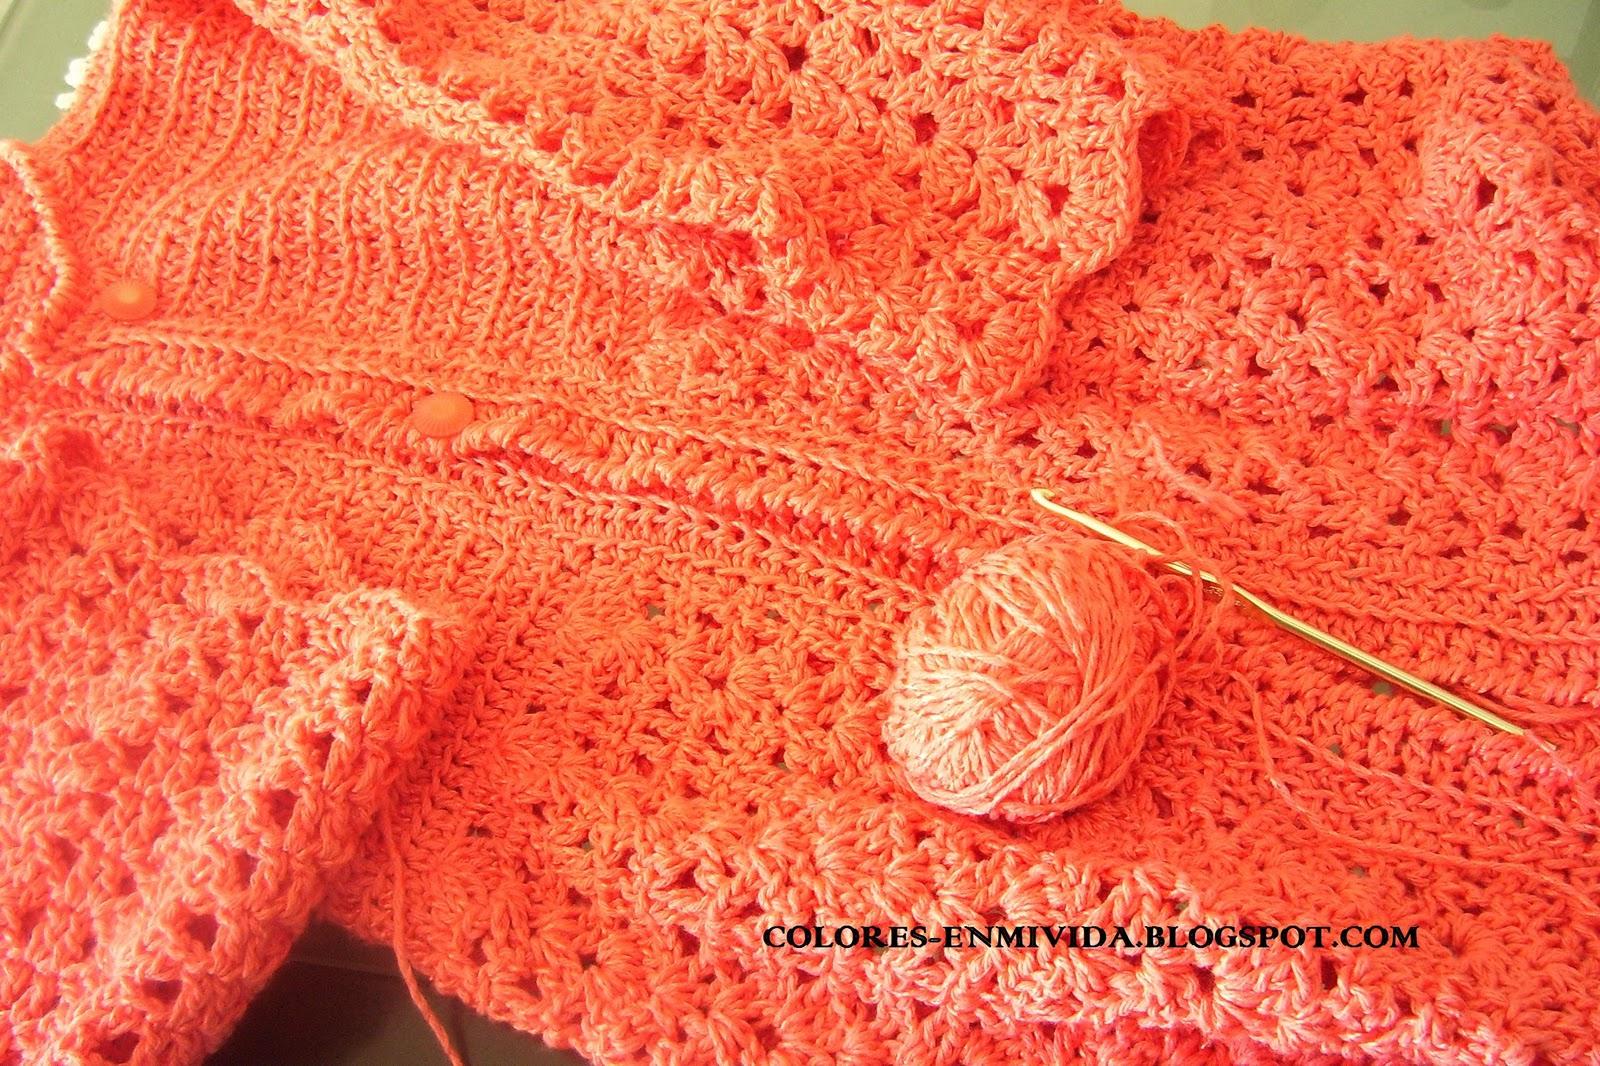 Estos son los materiales que utilicé  el hilo es de algodón con una hebra  de seda muy lindo para tejer a5adcb13dc24